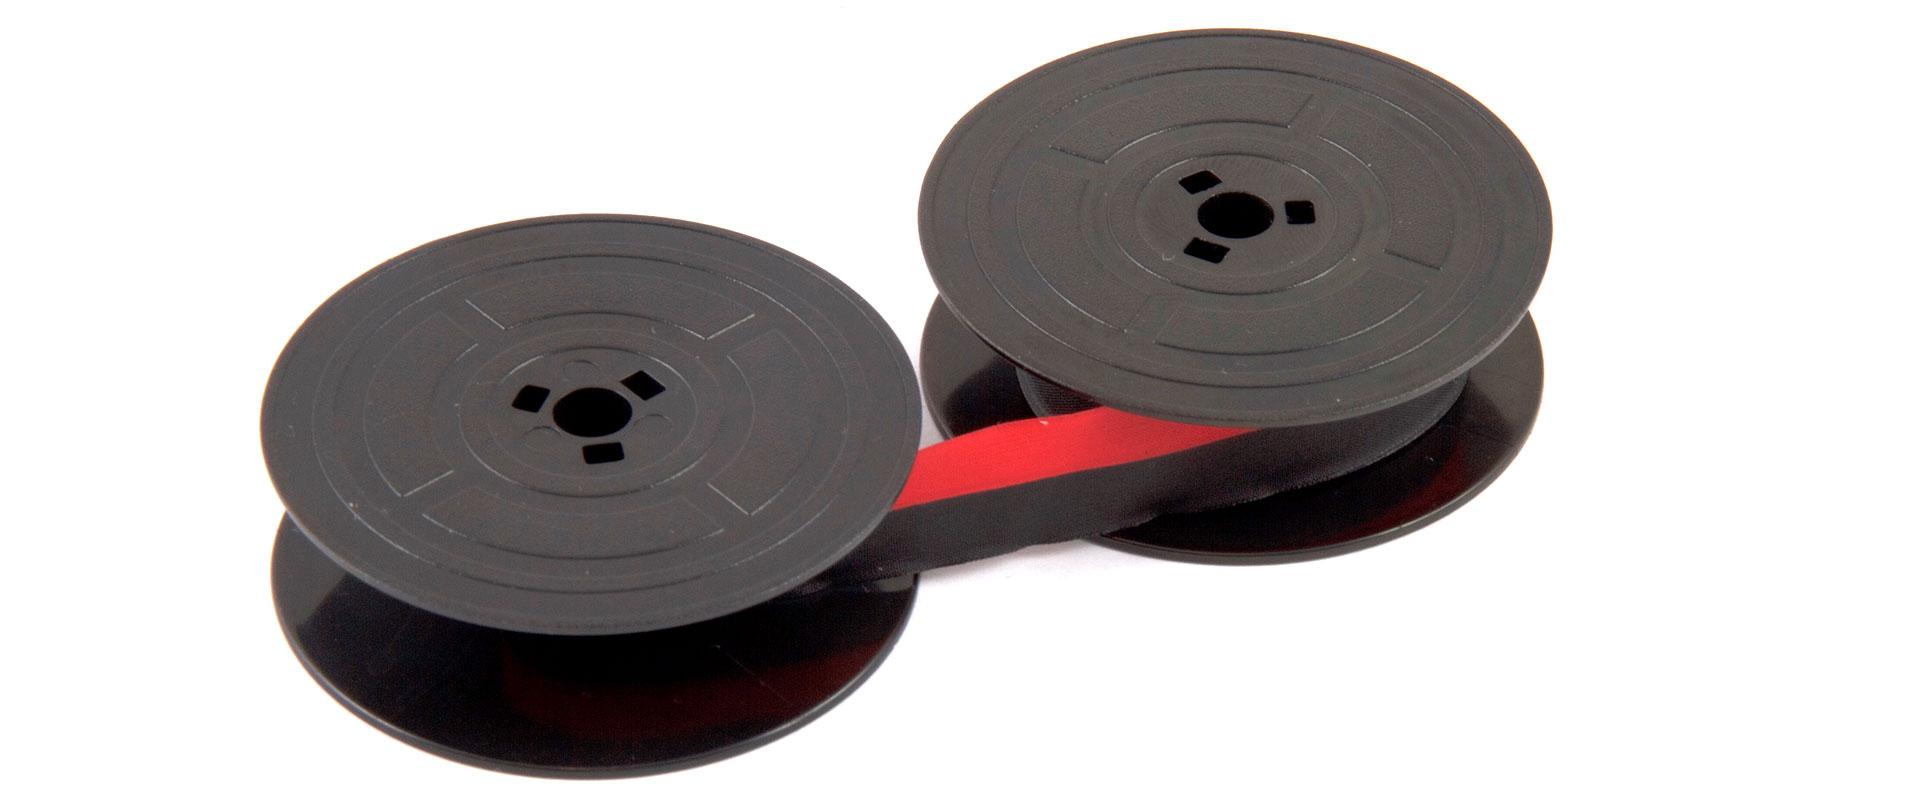 ärgband på spole och i kassett, korrigeringsband och bläckrullar